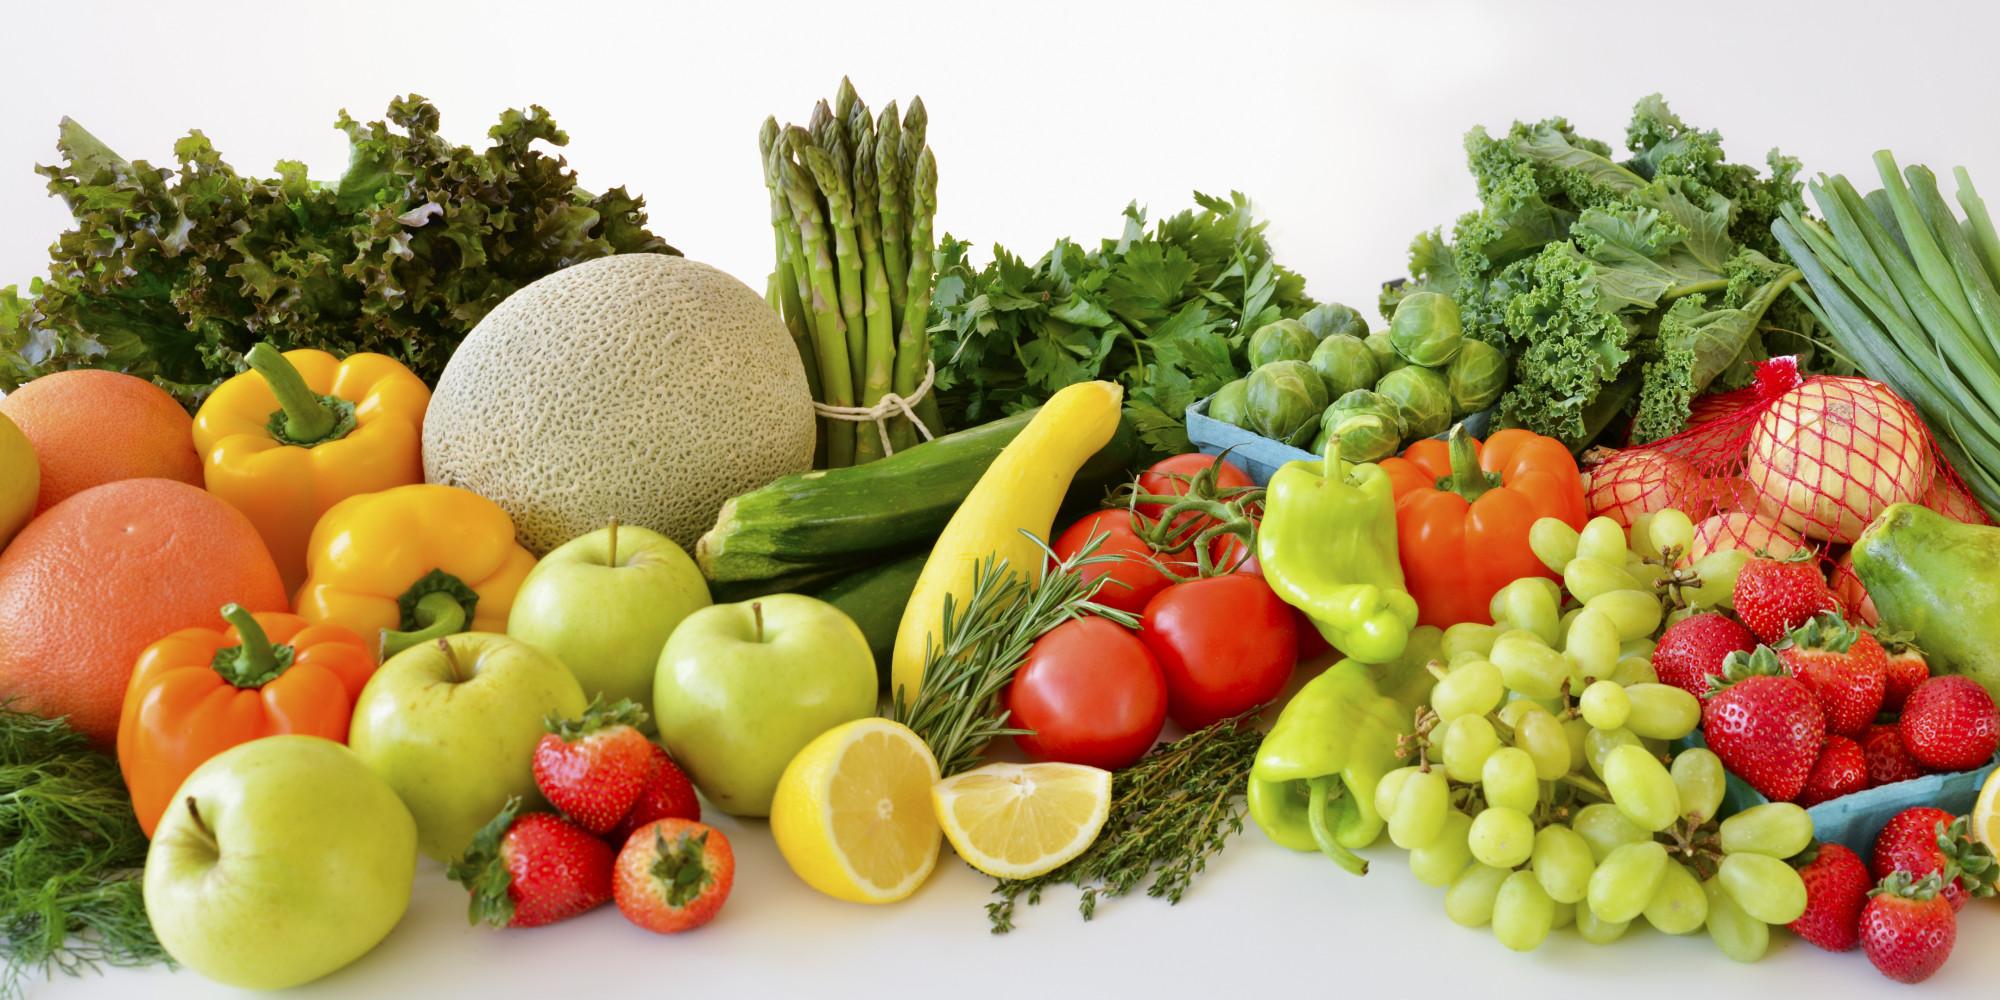 Consommez des fruits et légumes pour nourrir votre peau de l'intérieur et entretenir sa jeunesse